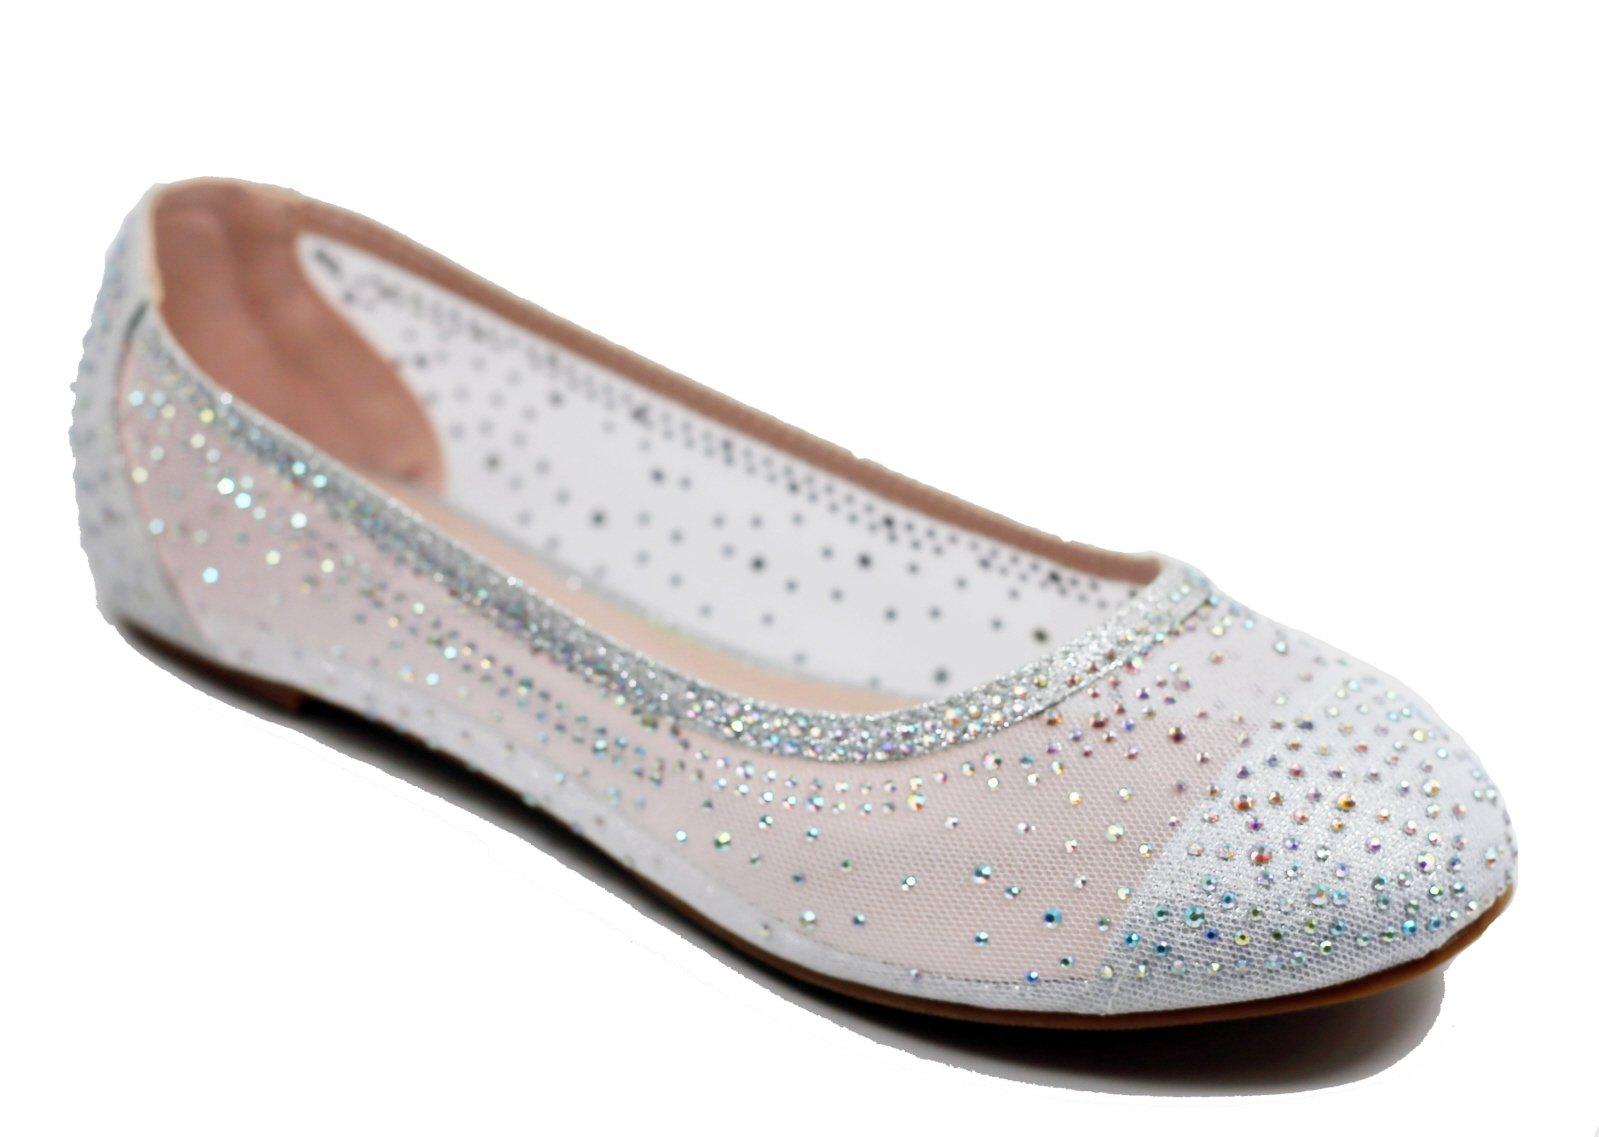 Walstar Women's Wedding Flats Comfort Ballet Flats Shoes